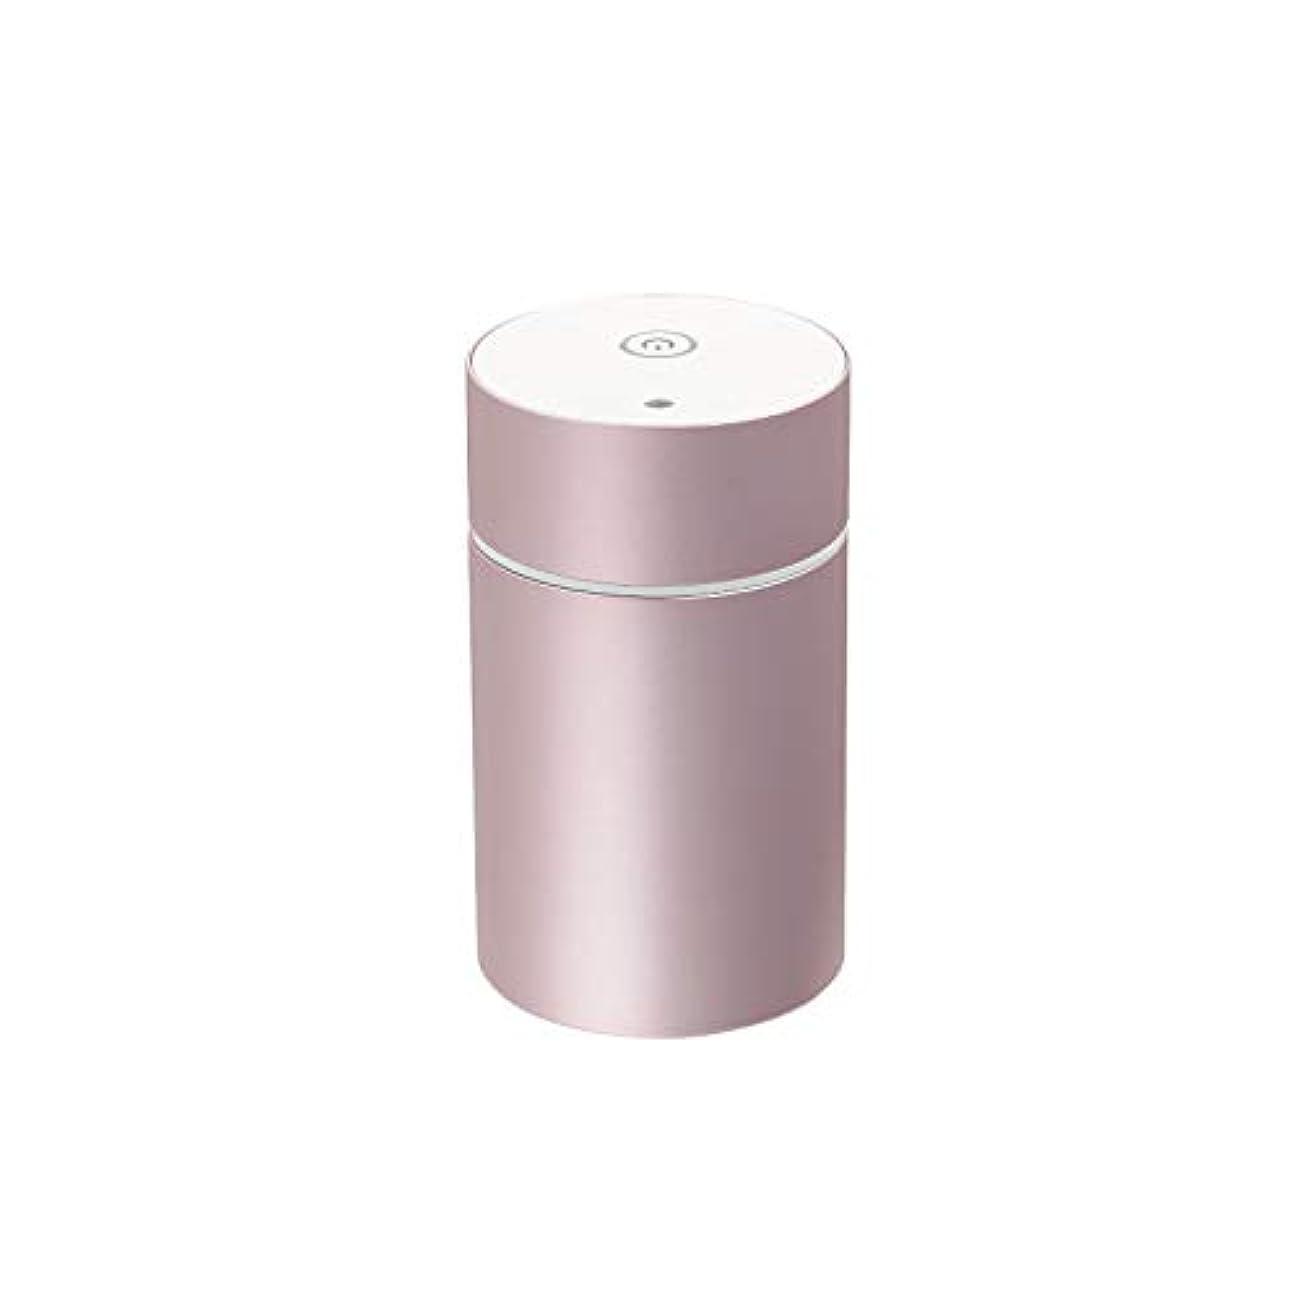 苦いアーカイブ難破船生活の木 アロマディフューザー(ピンク)aromore mini(アロモアミニ) 08-801-7020